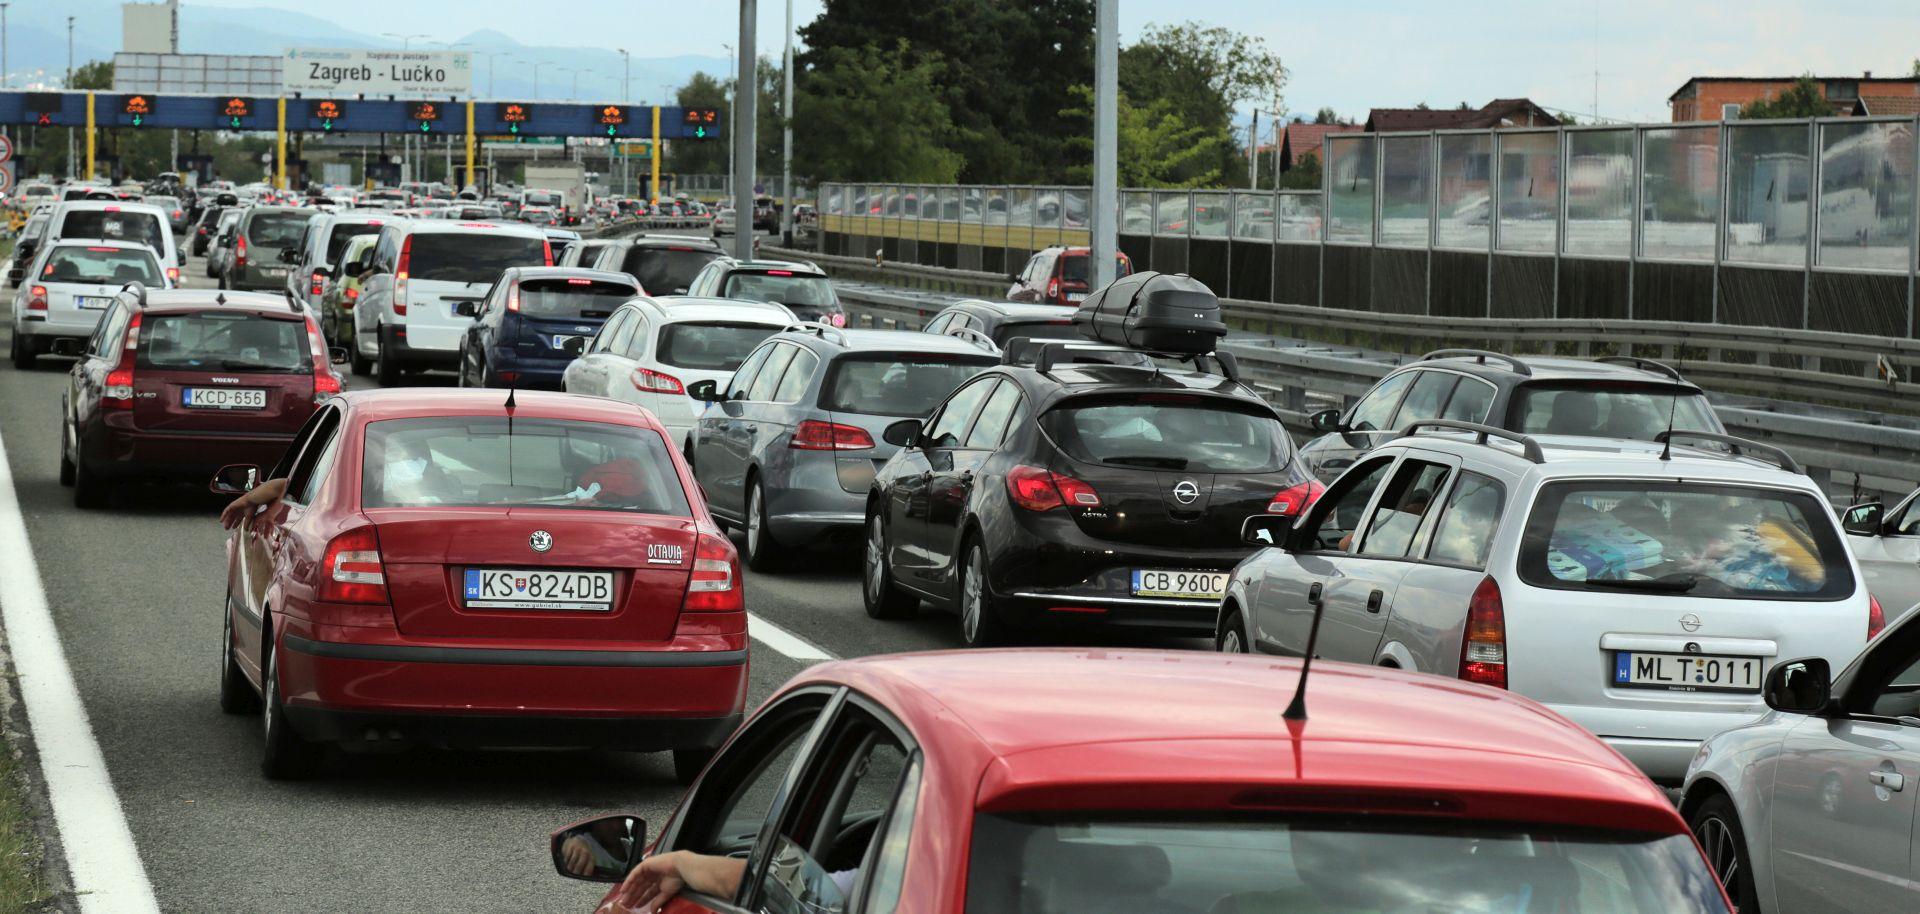 HAK Promet i dalje vrlo gust, gužve, zastoji i kolone, prometna nesreća u Šibeniku